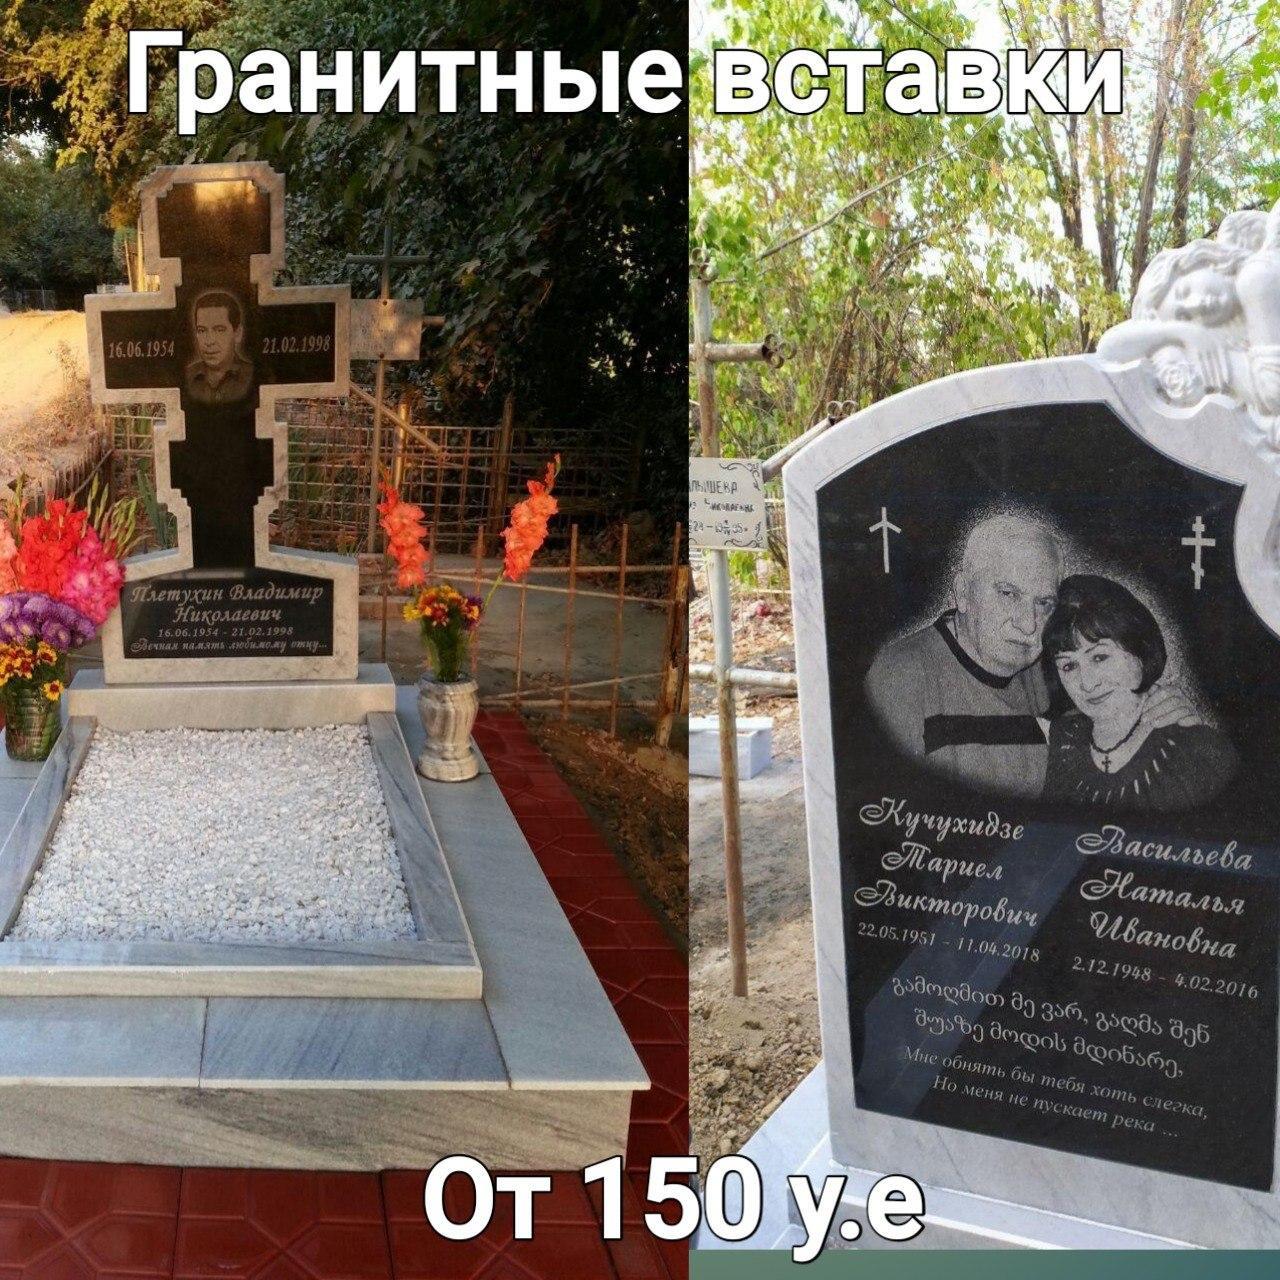 photo_2020-03-25_21-21-20